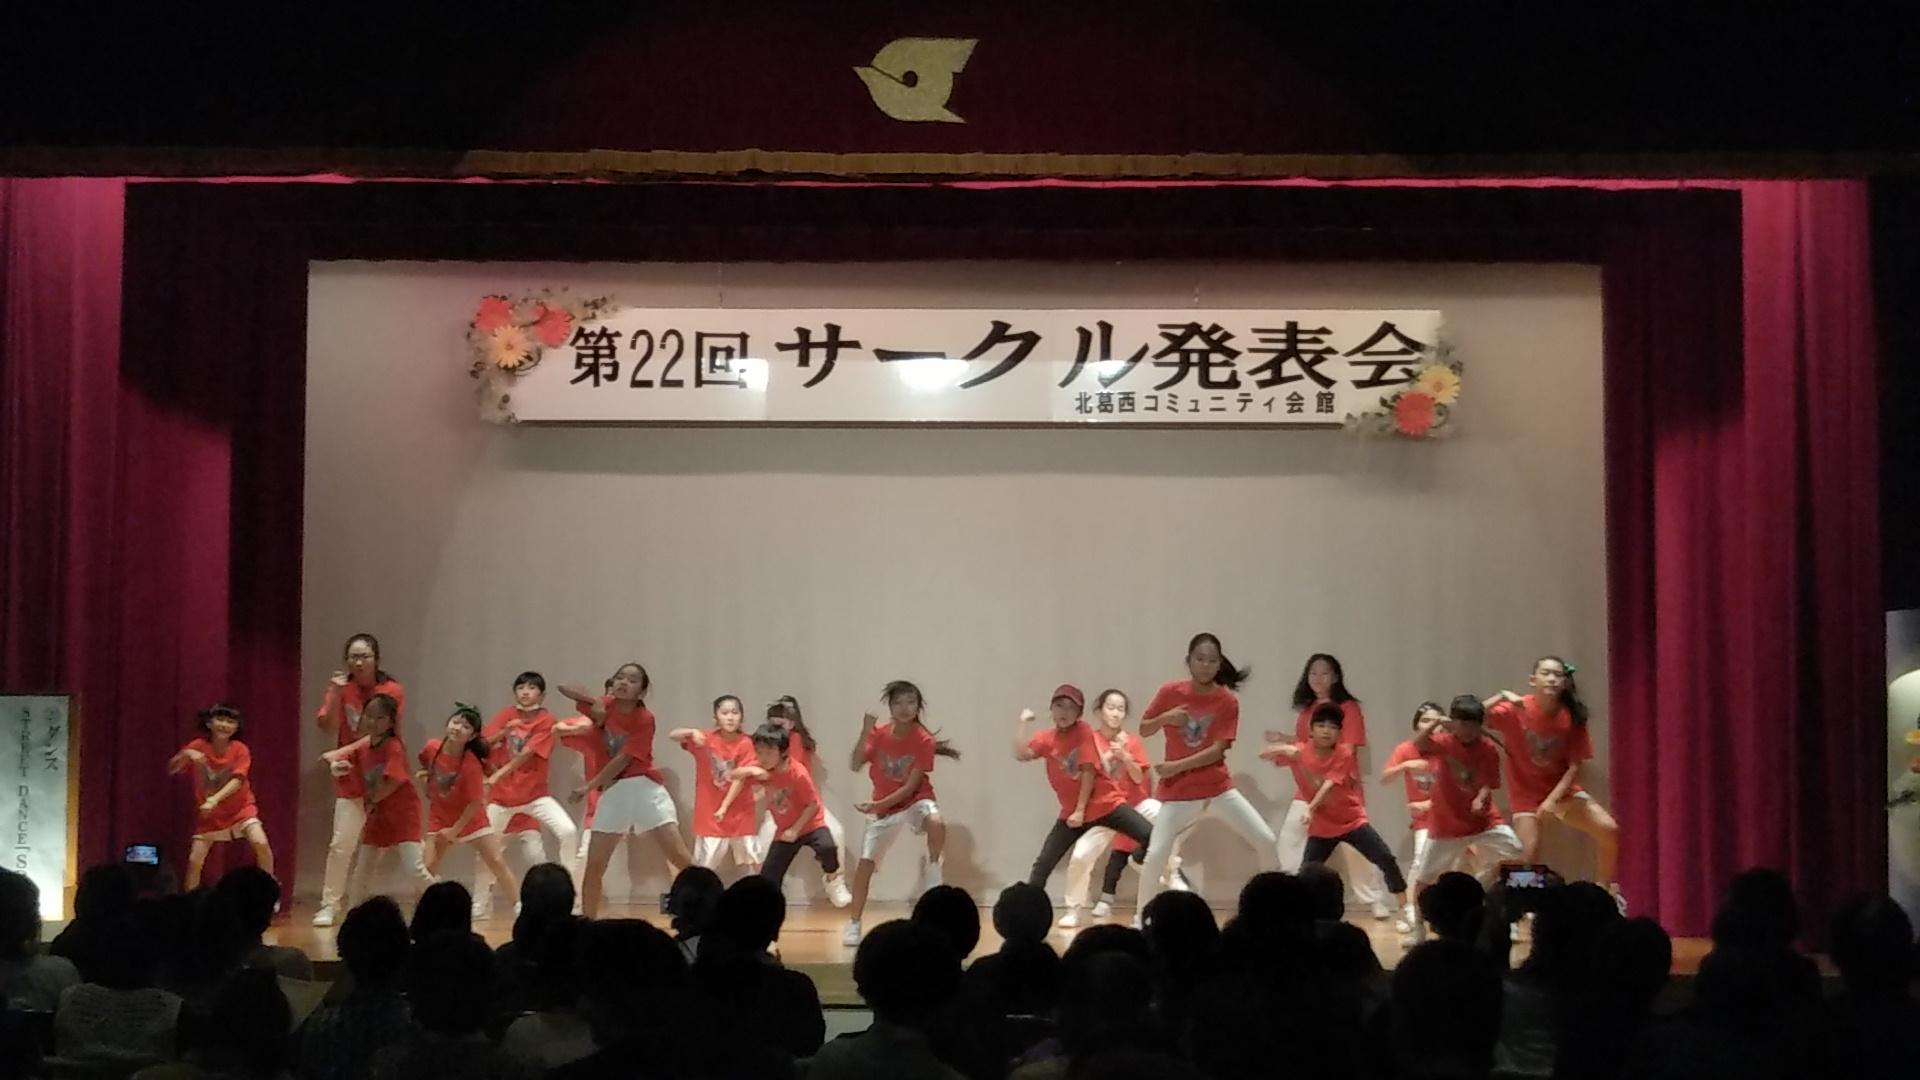 発表会オープニング&エピローグ☆広々思いっきり踊れていました